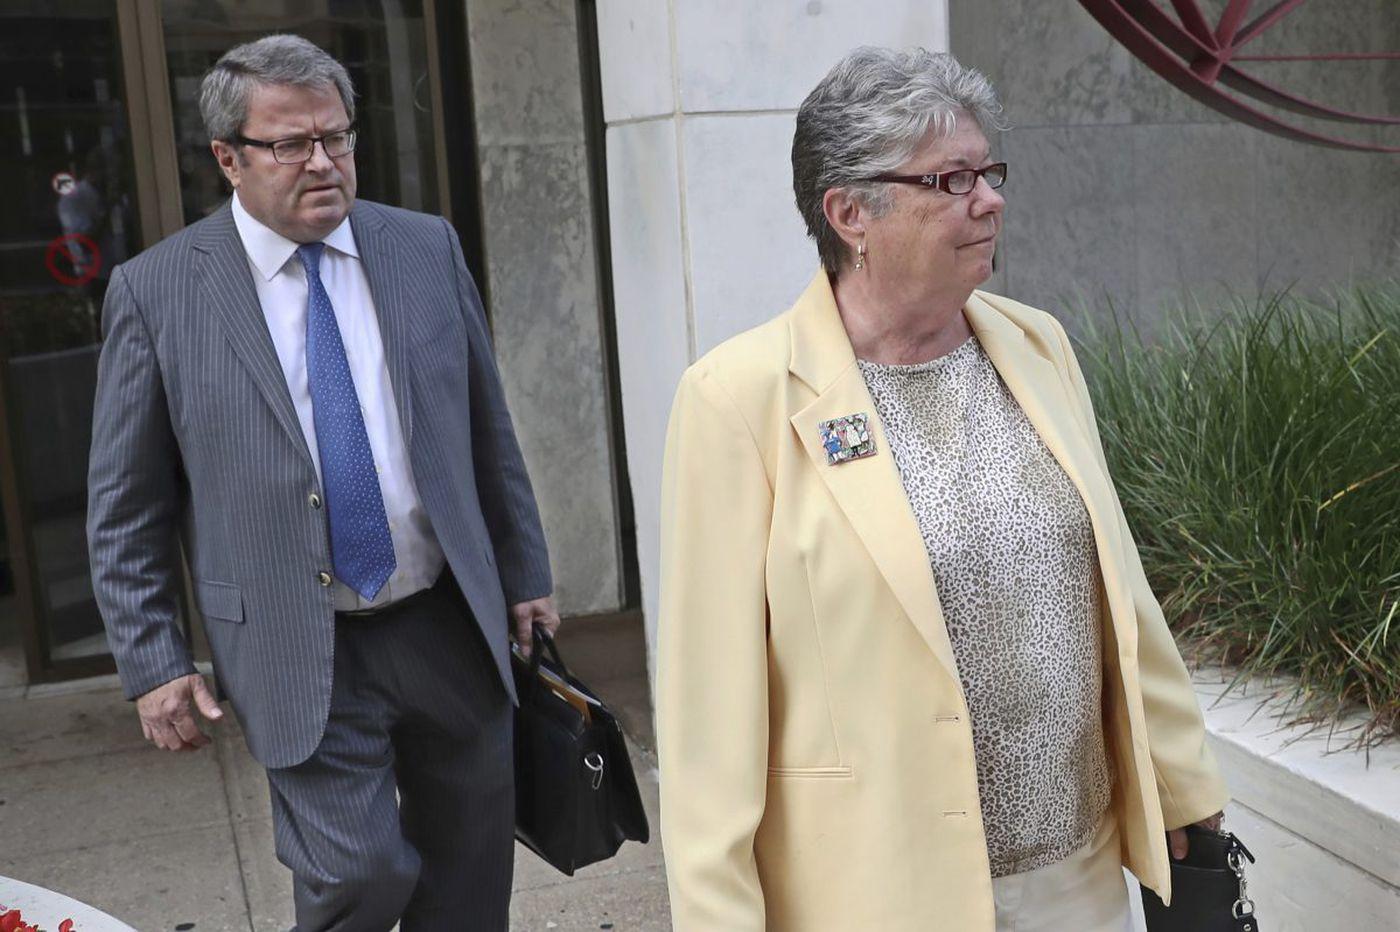 Hafer wrist slap par for PA's corrupt political culture | Editorial